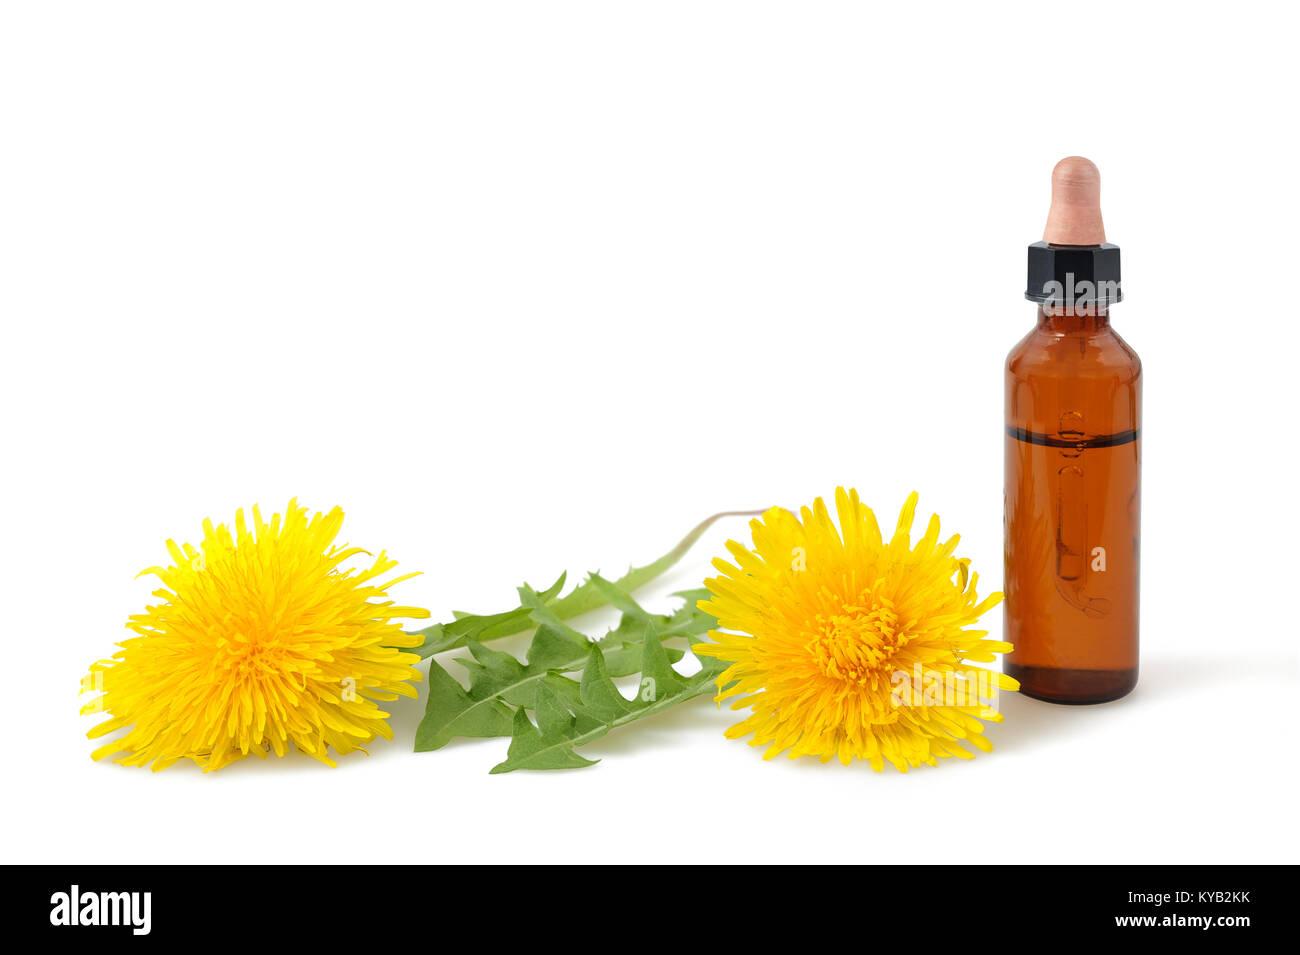 Löwenzahn Blumen und Flasche mit Wesen auf weißem Hintergrund Stockbild